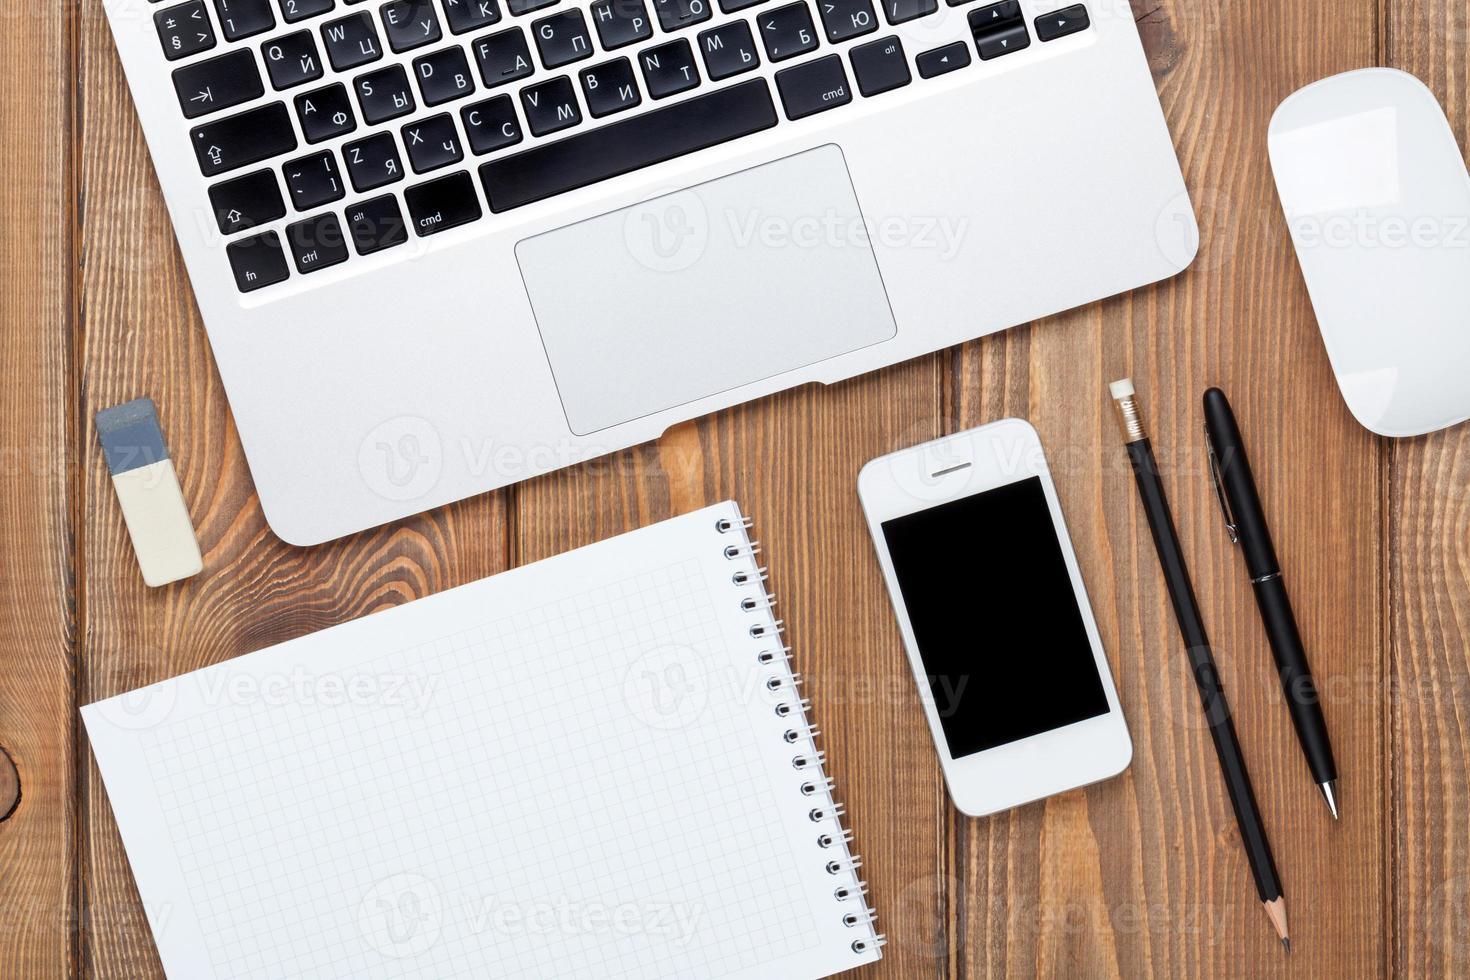 mesa de escritório com computador e suprimentos foto